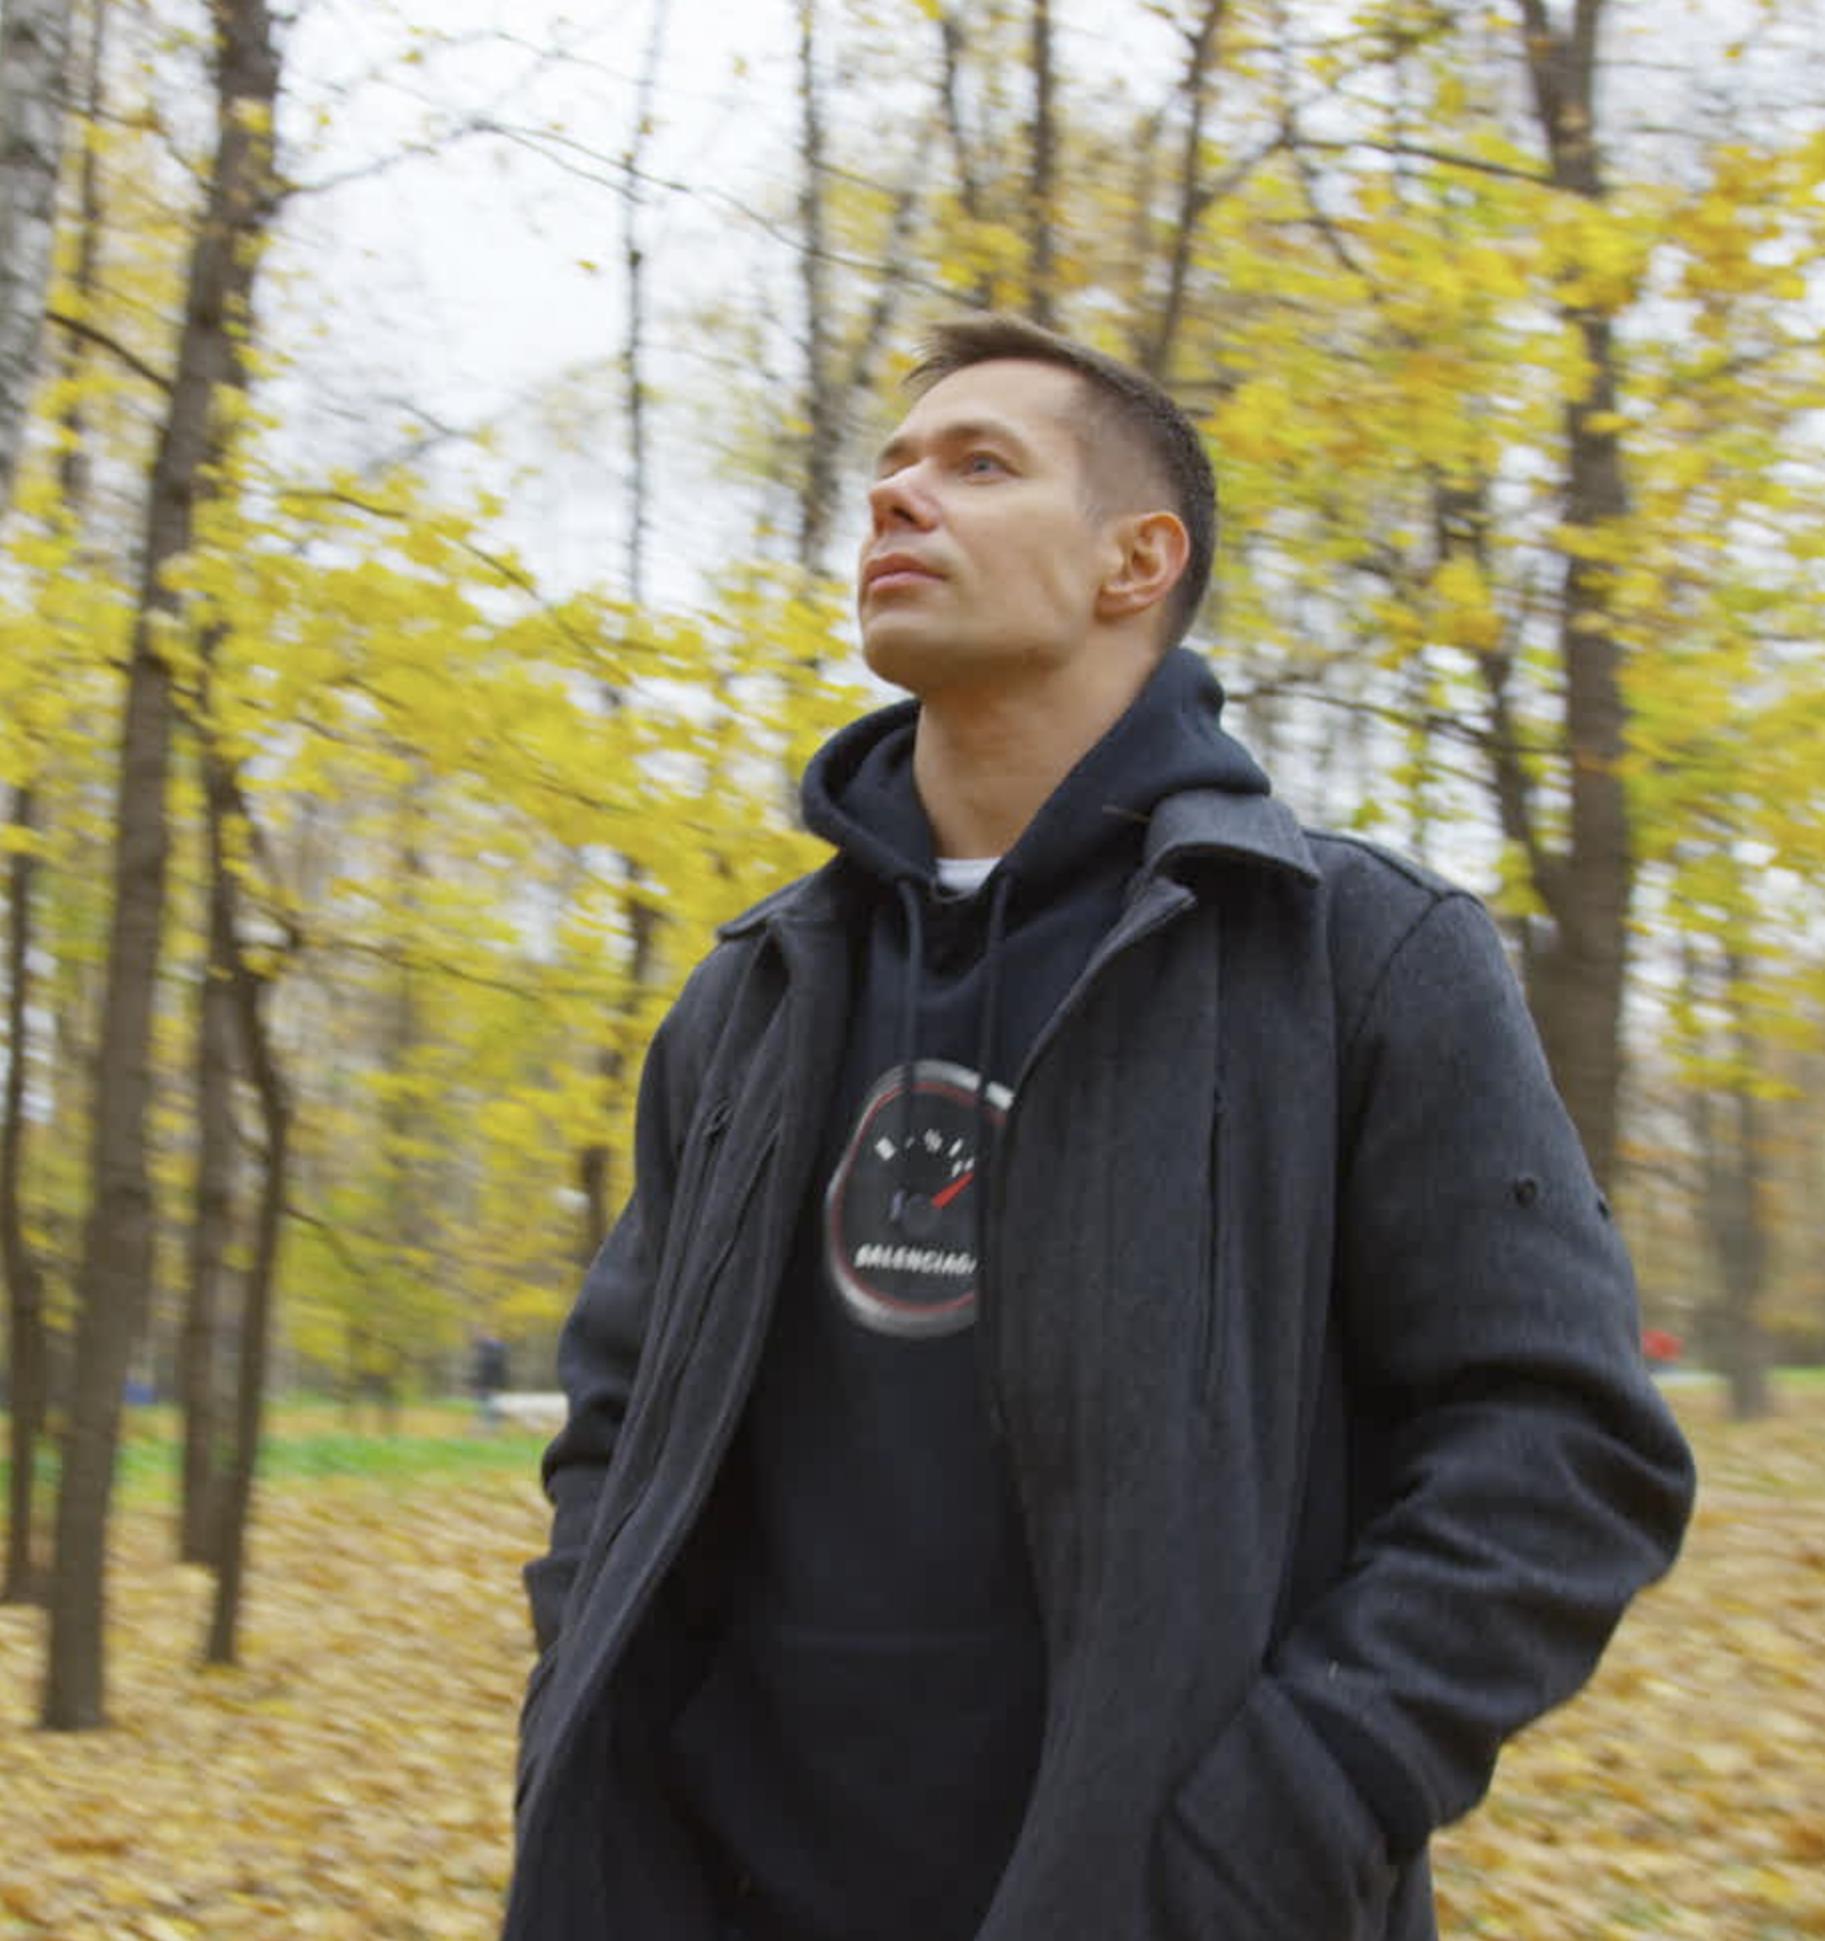 Акция «Наше дерево»: как сделать Москву зелёной для будущих поколений